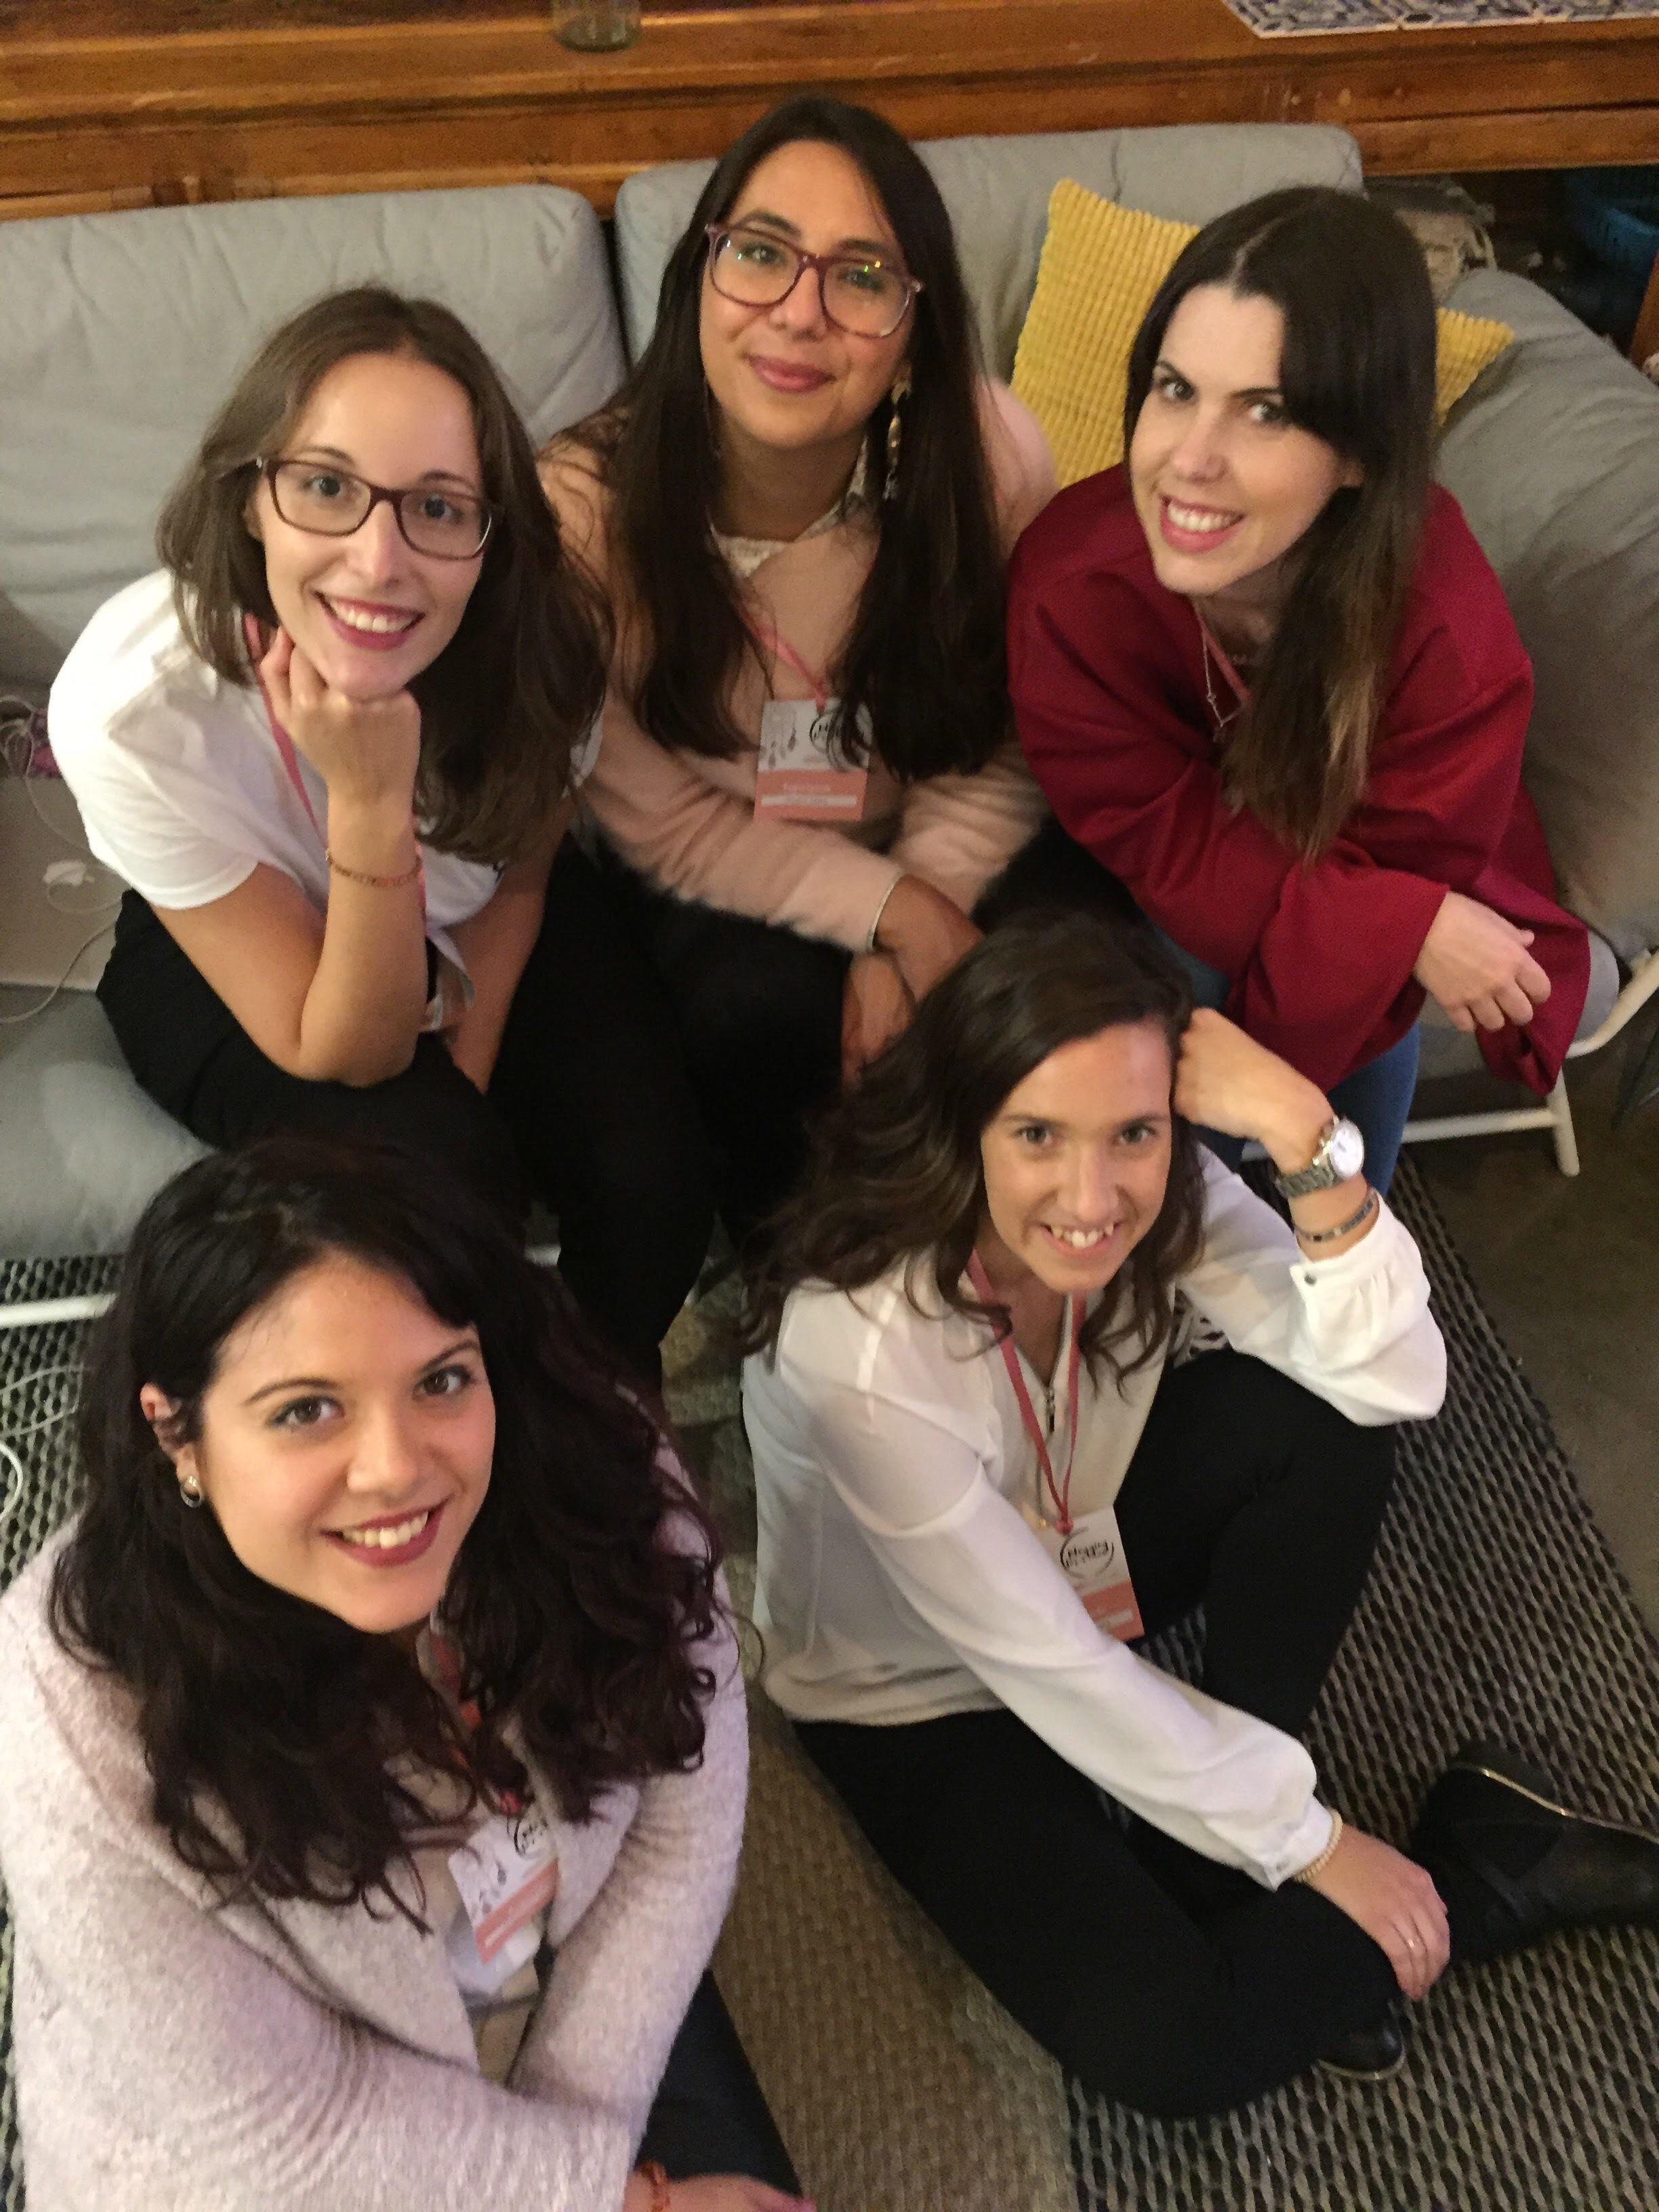 Organizadoras do evento solidário Blogging for a cause